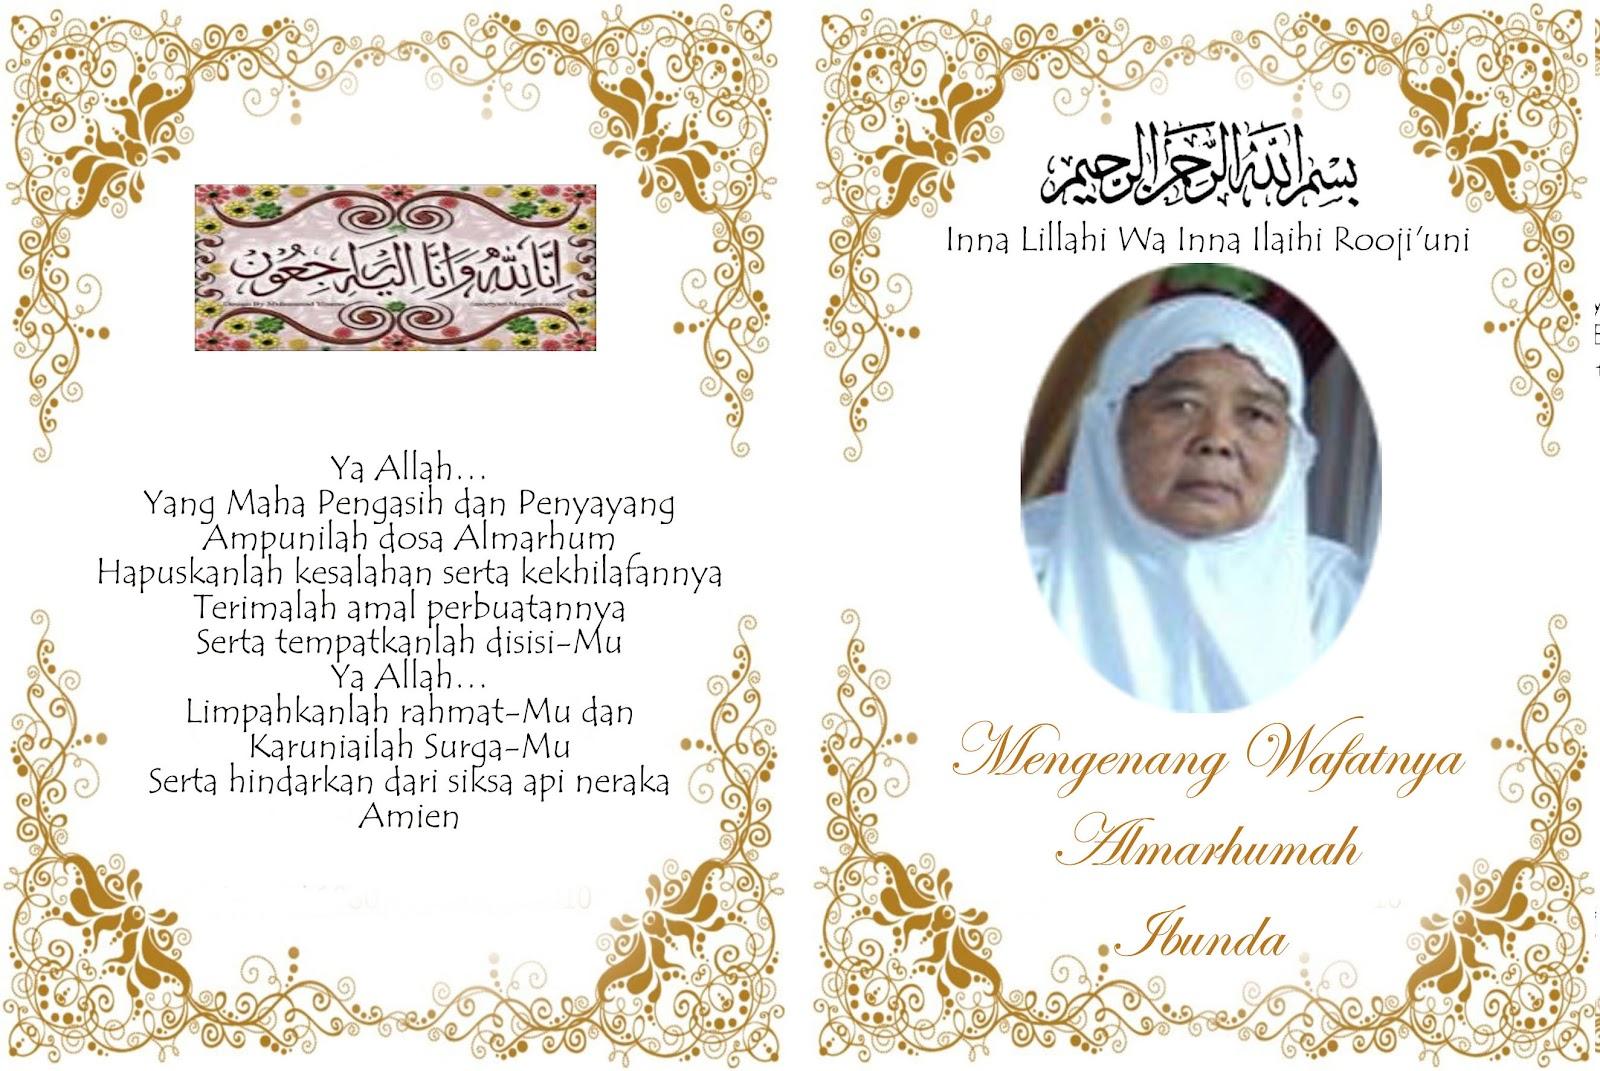 Peace Love Unity Respect Innalillahi Wainnalilahi Rojiun Telah